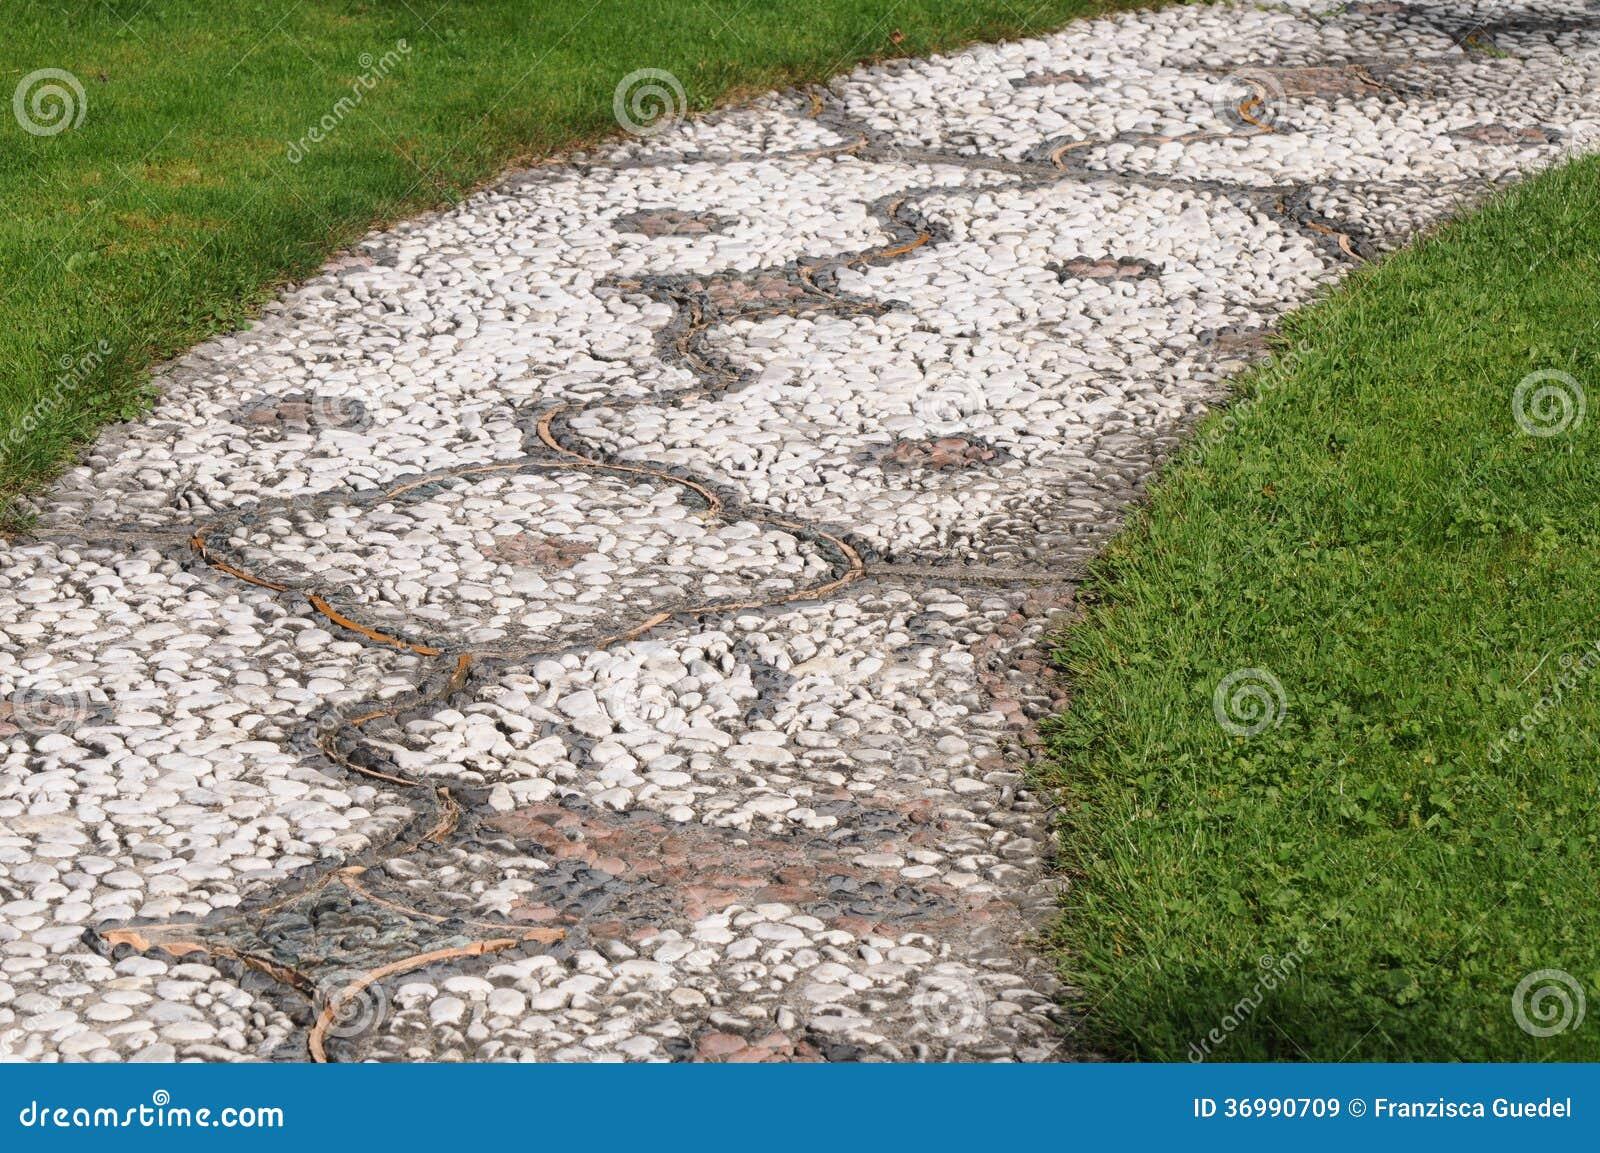 Mosaik garten weg stockbild bild von grau kiesel geformt 36990709 - Garten mosaik ...